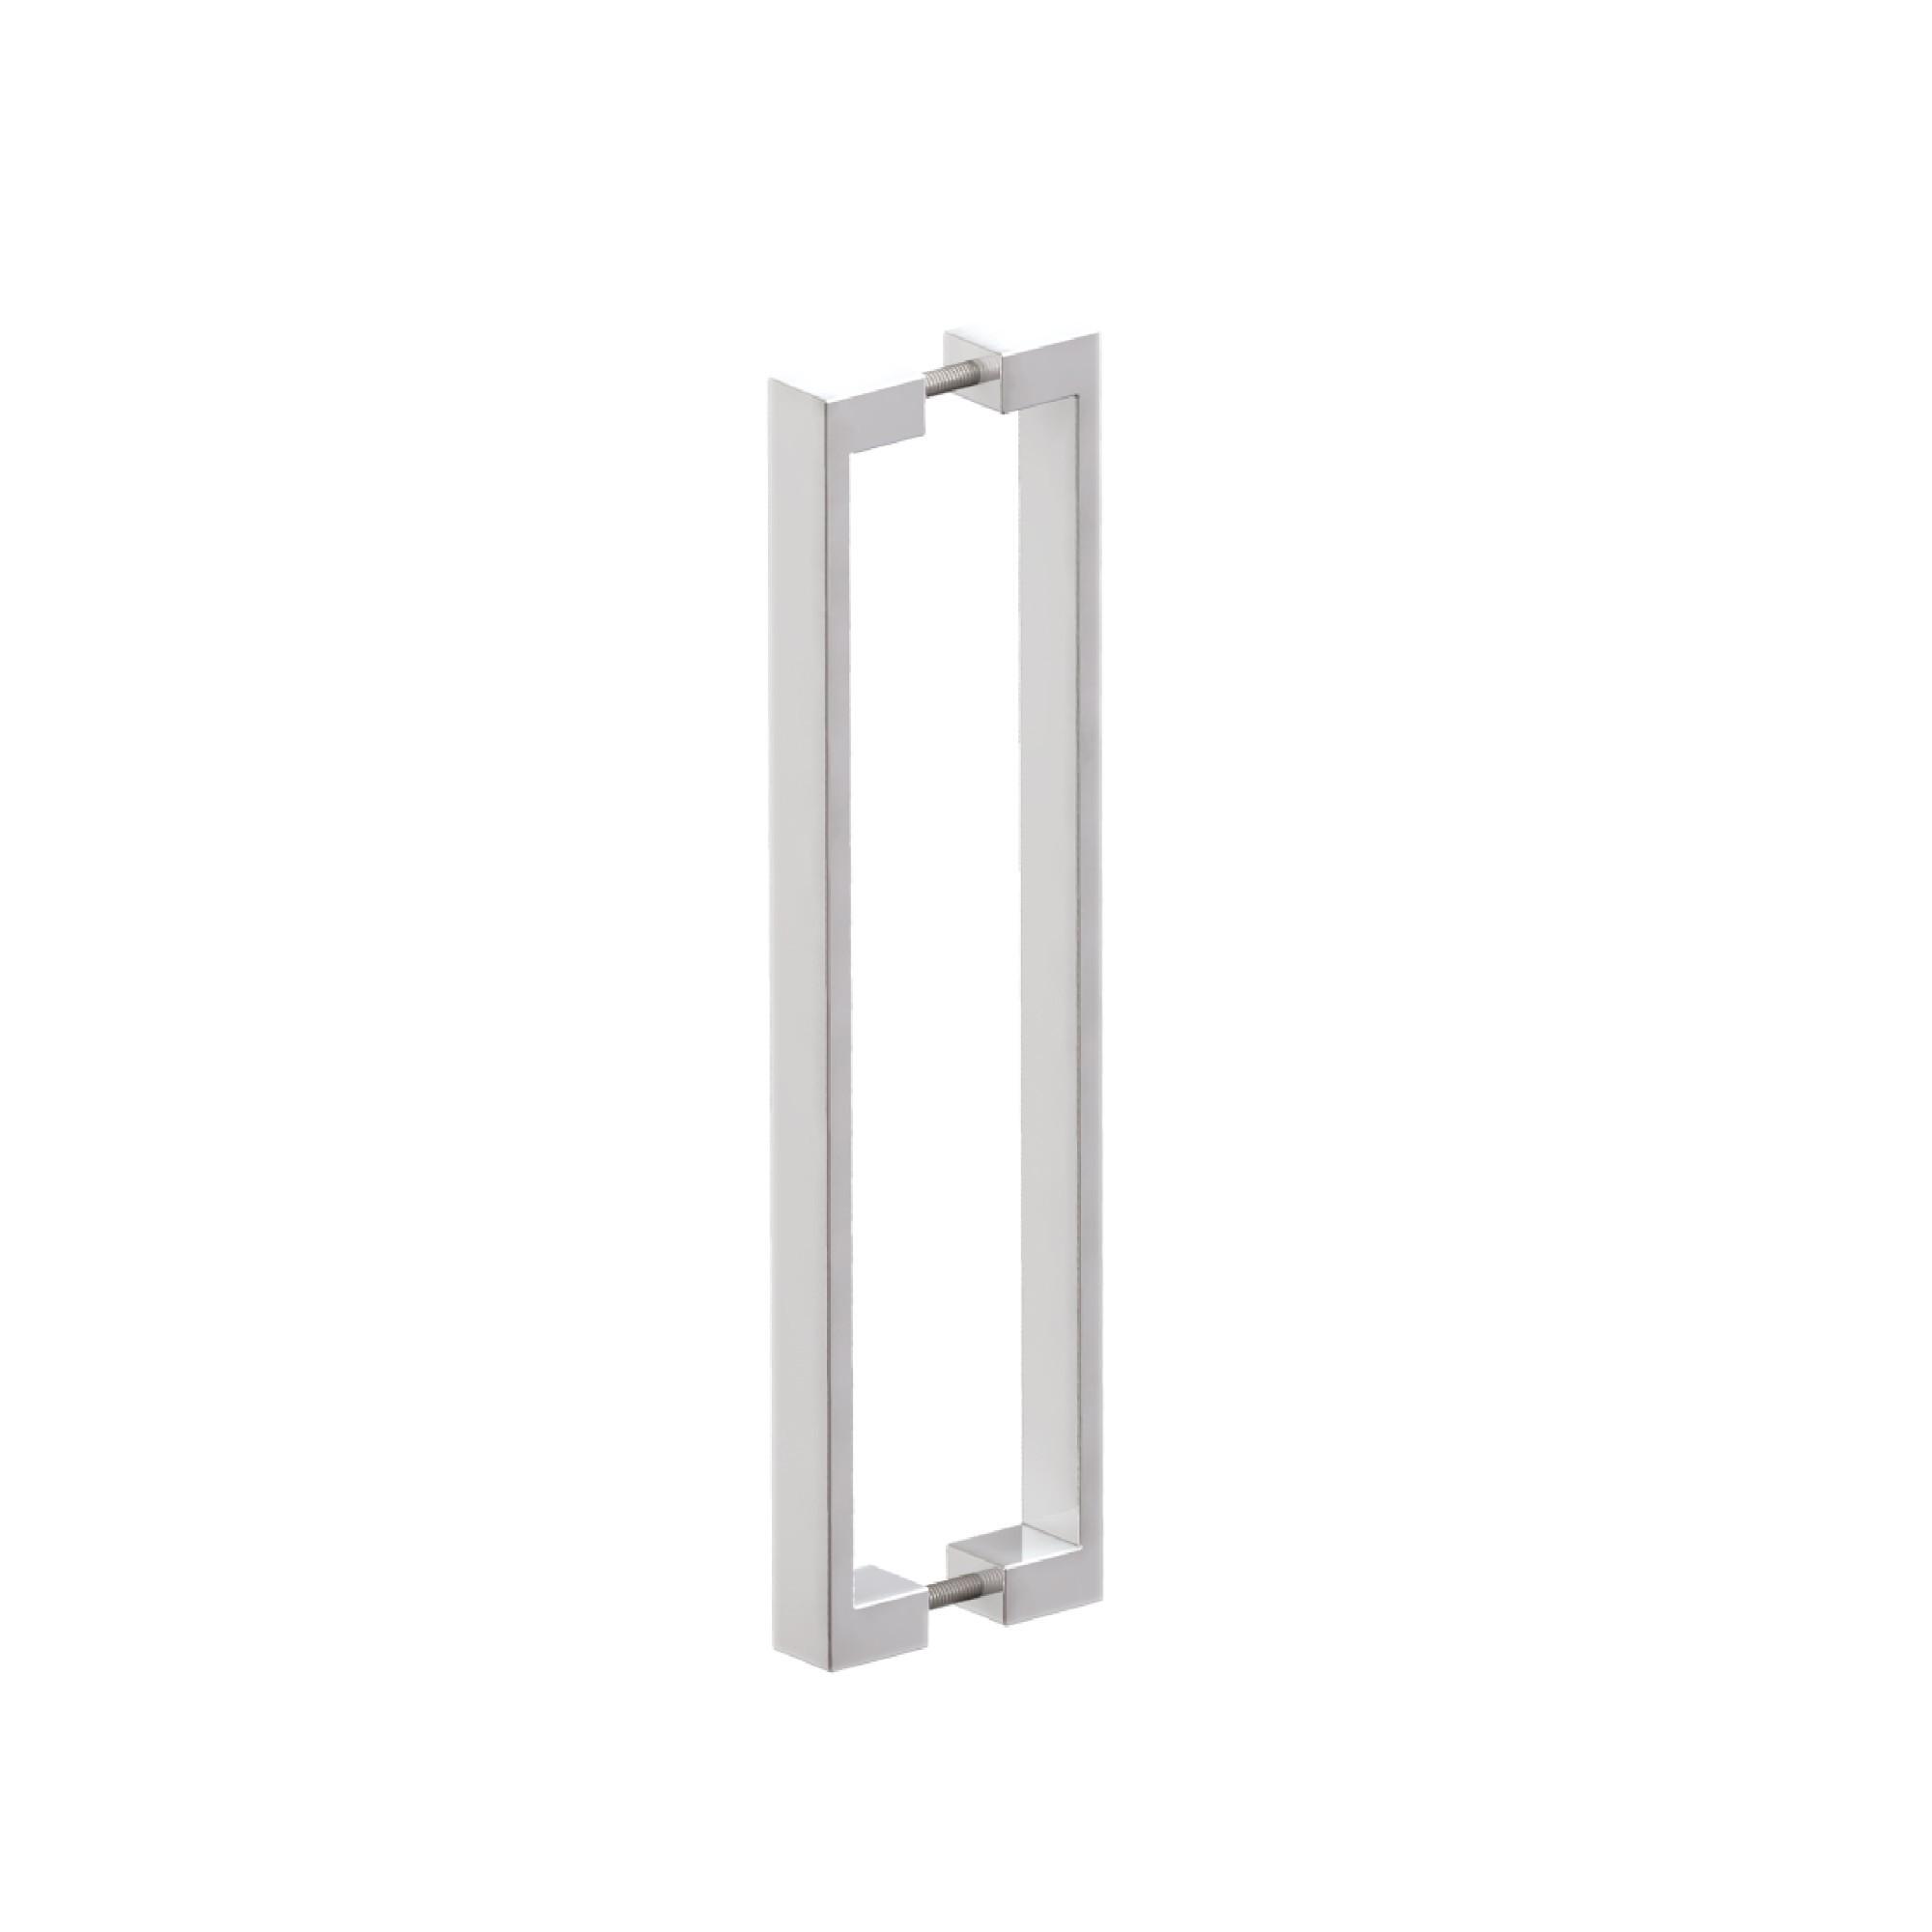 Puxador de Portas sobrepor Aco Inox Escovado 1 par Tena 420mm - Acobrasil